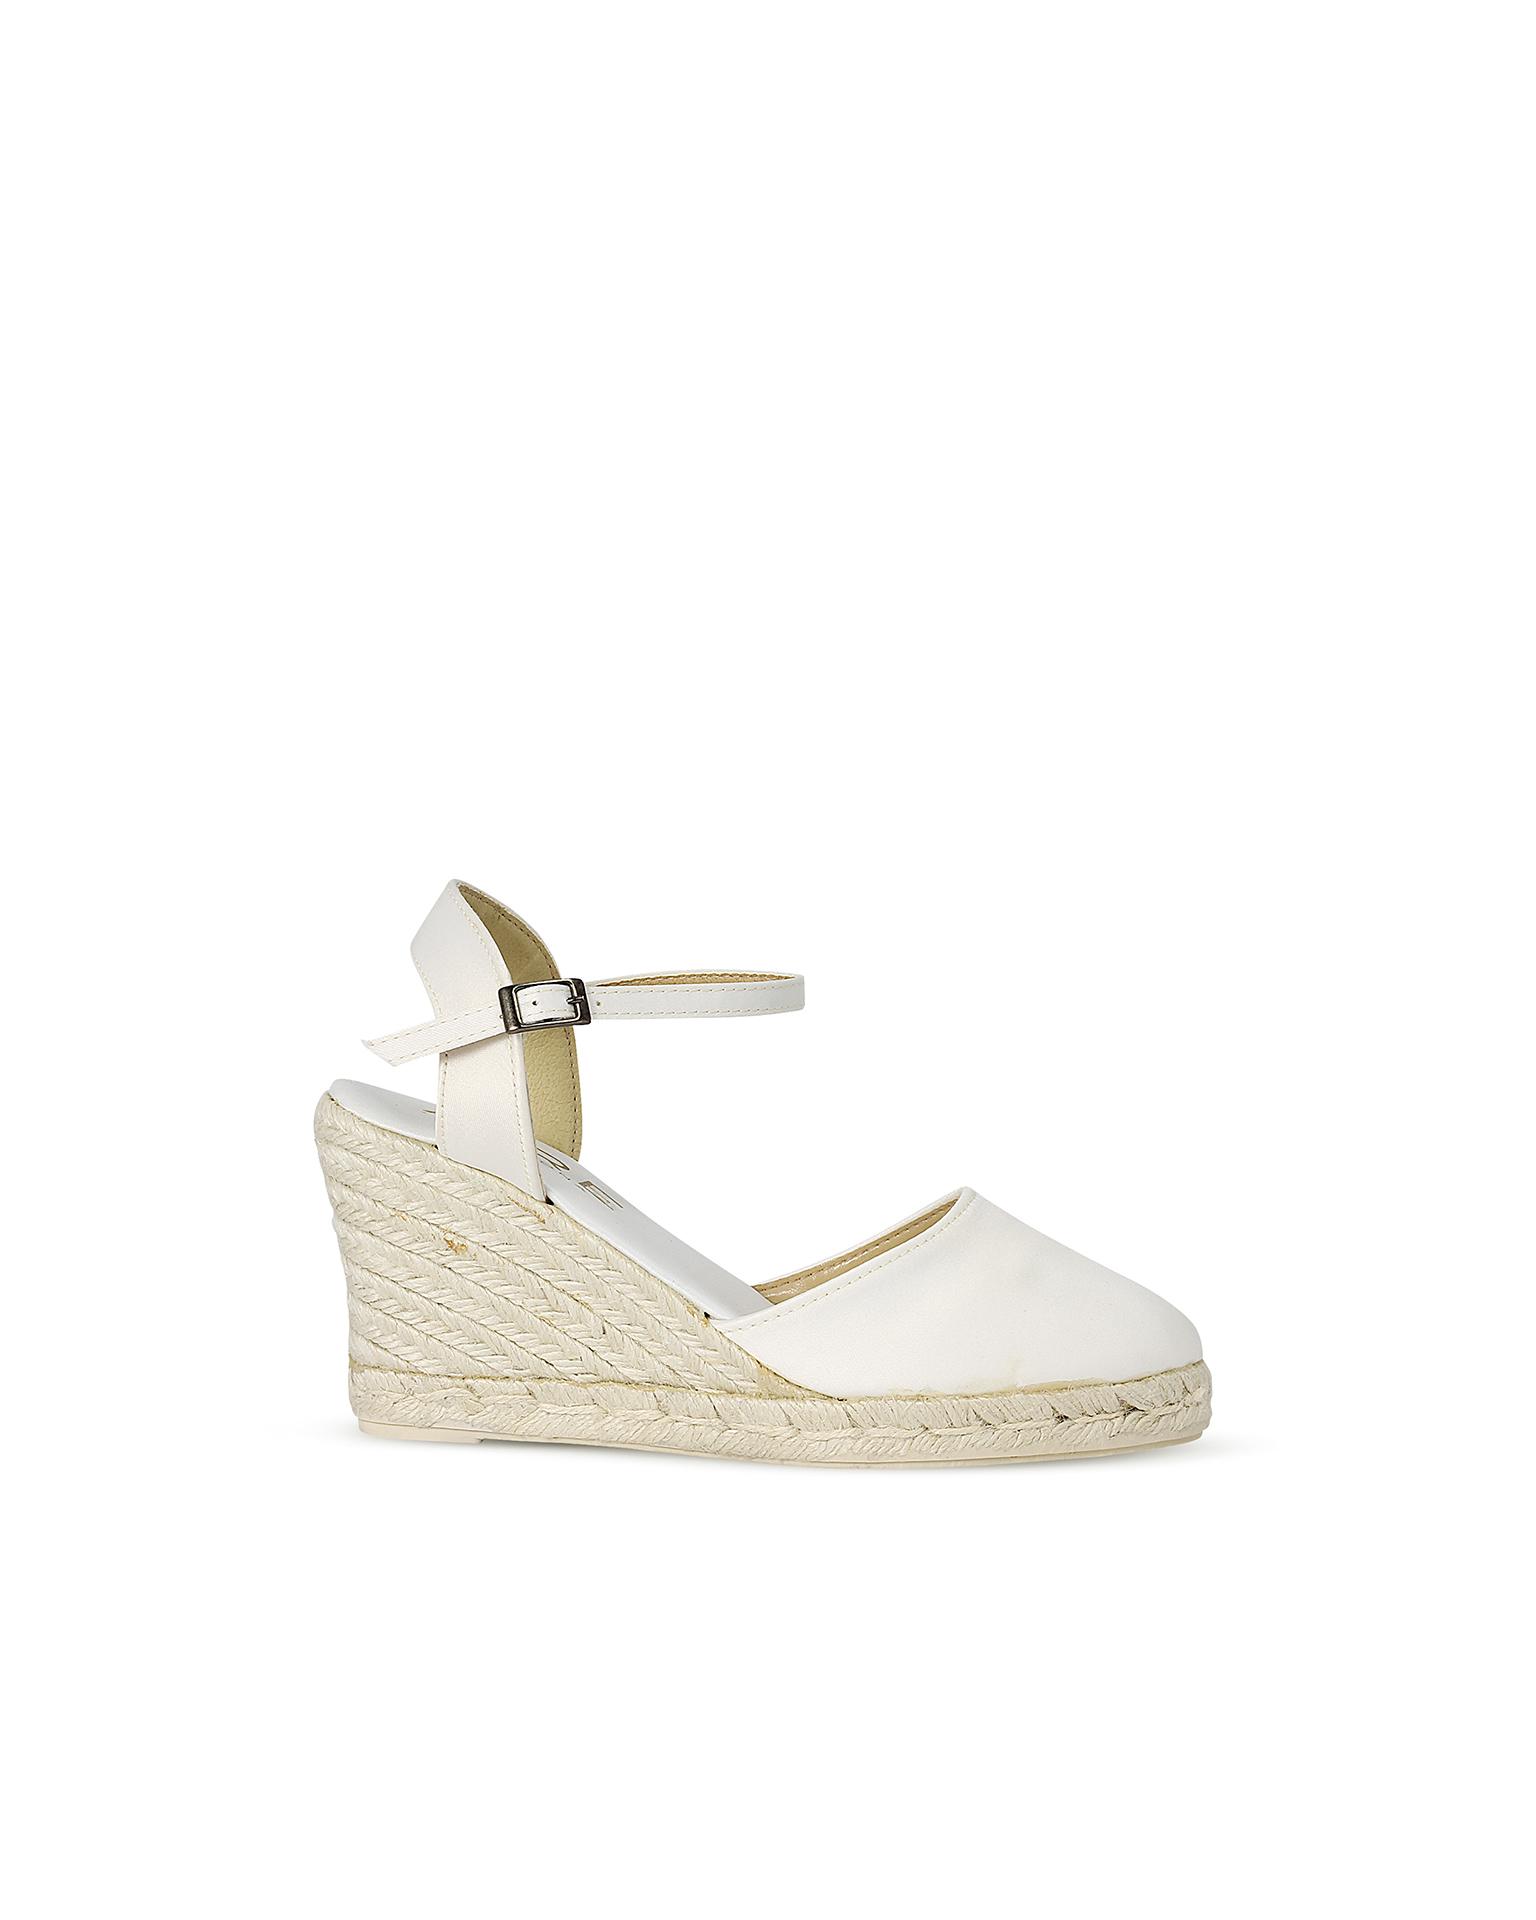 Sapato cunha noiva de cetim e sola de esparto, com salto de 85 mm, em cor natural. Coleção AIRE BARCELONA 2018.